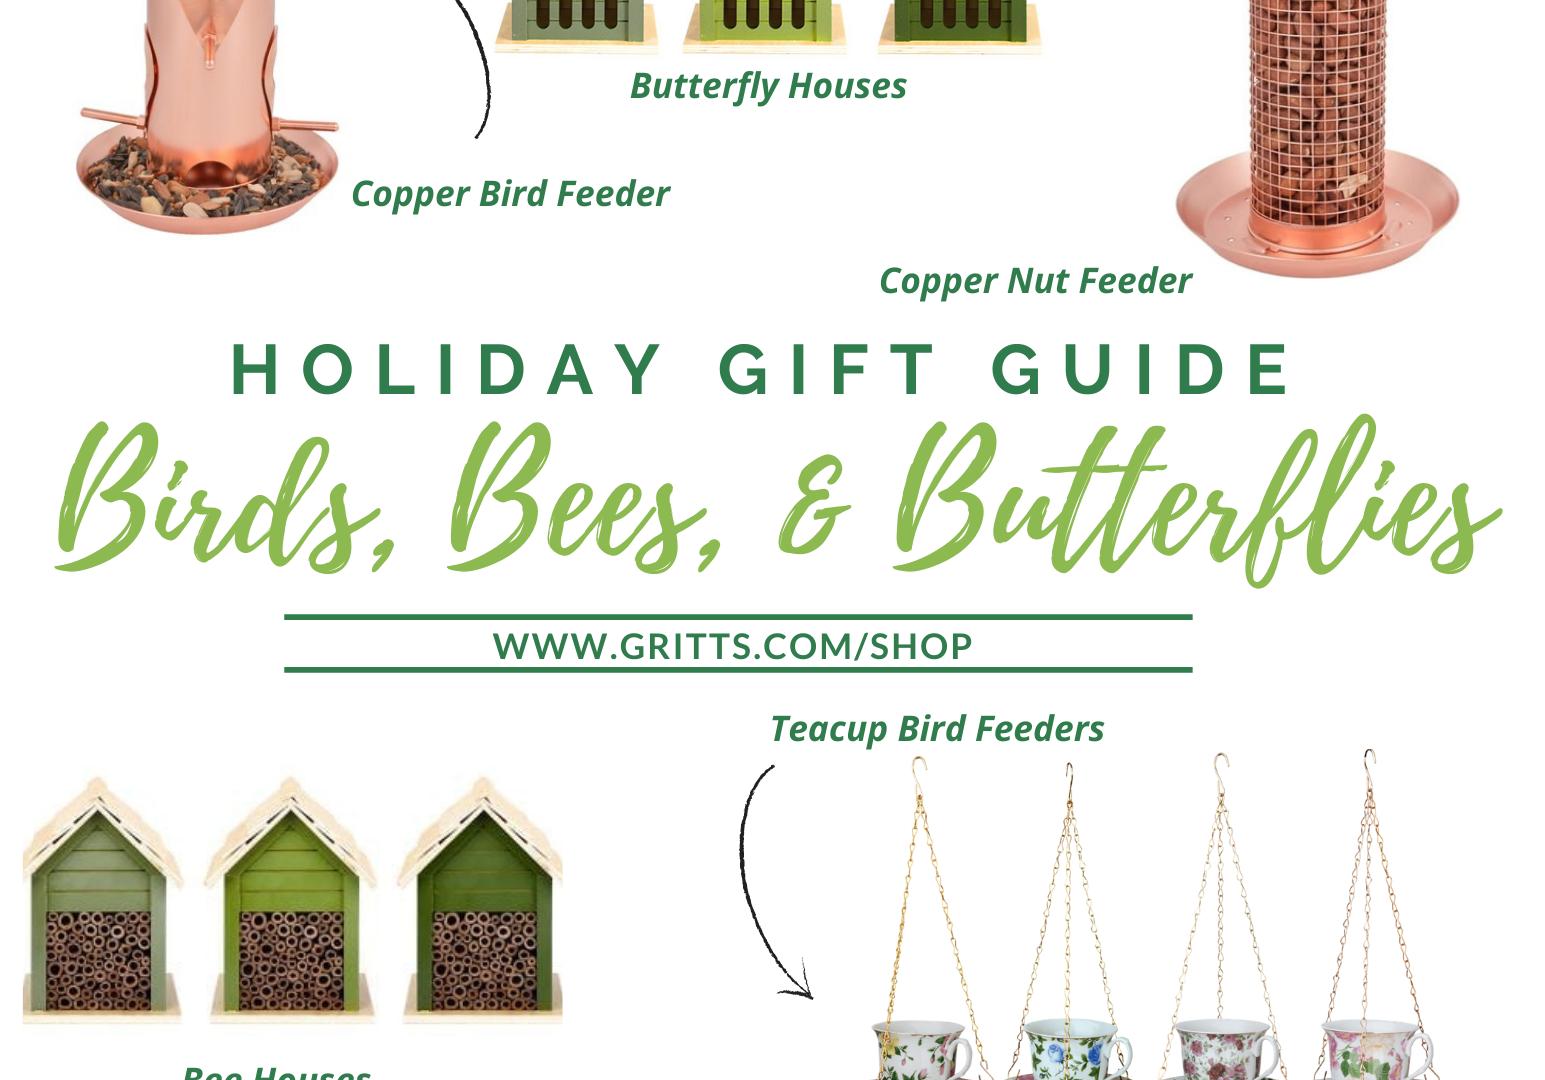 Birds, Bees, Butterflies Gift Guide